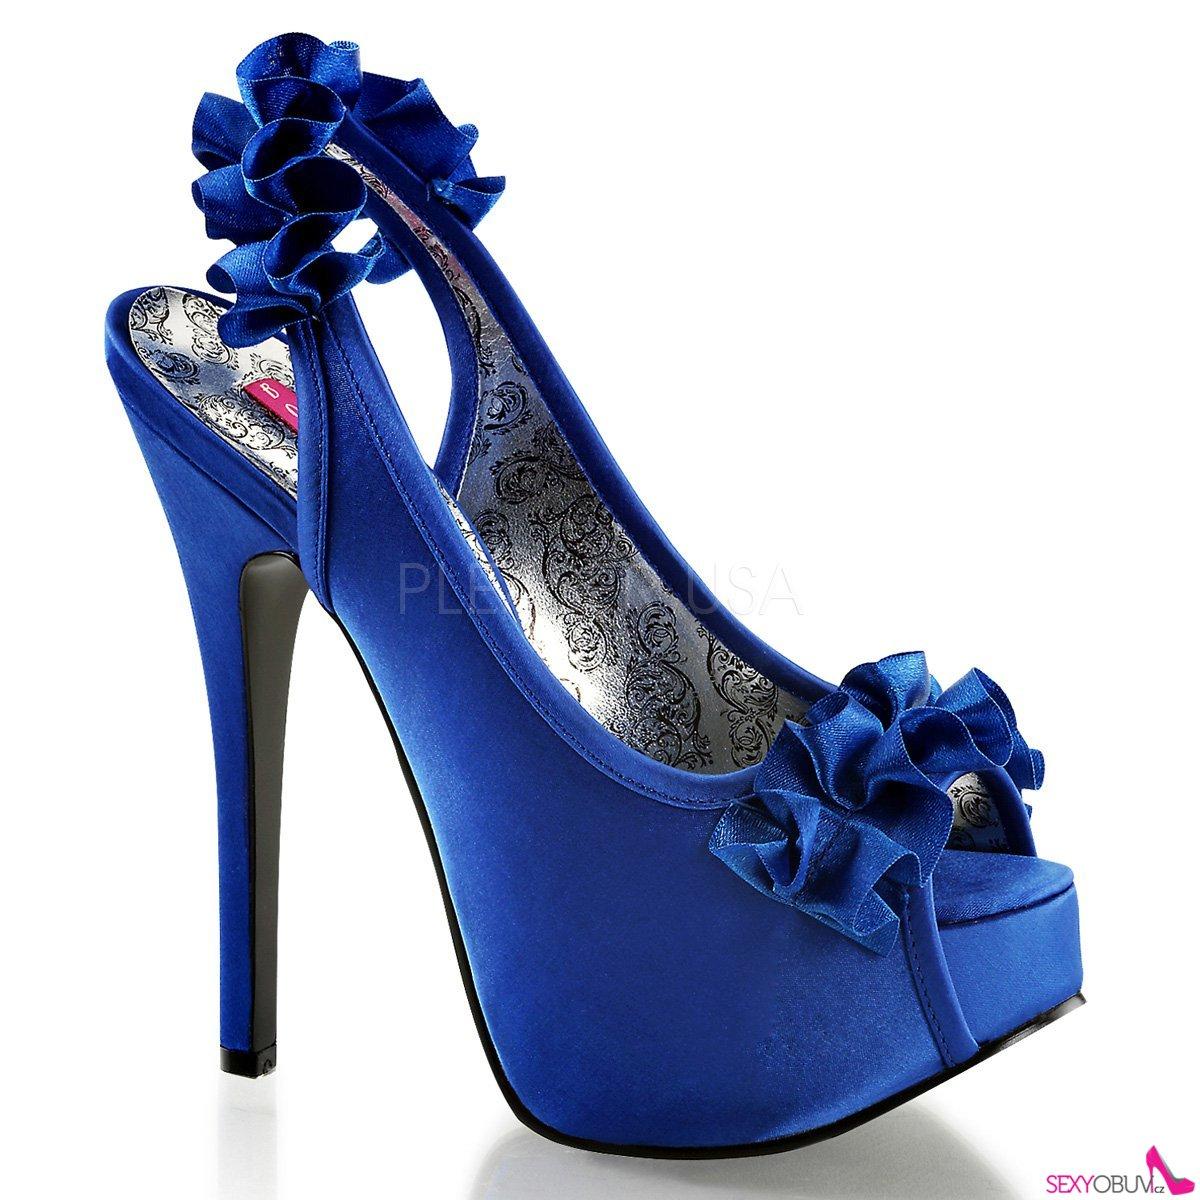 d44f9e0f6a0e TEEZE-56 Elegantní modré dámské lodičky na vysokém podpatku ...